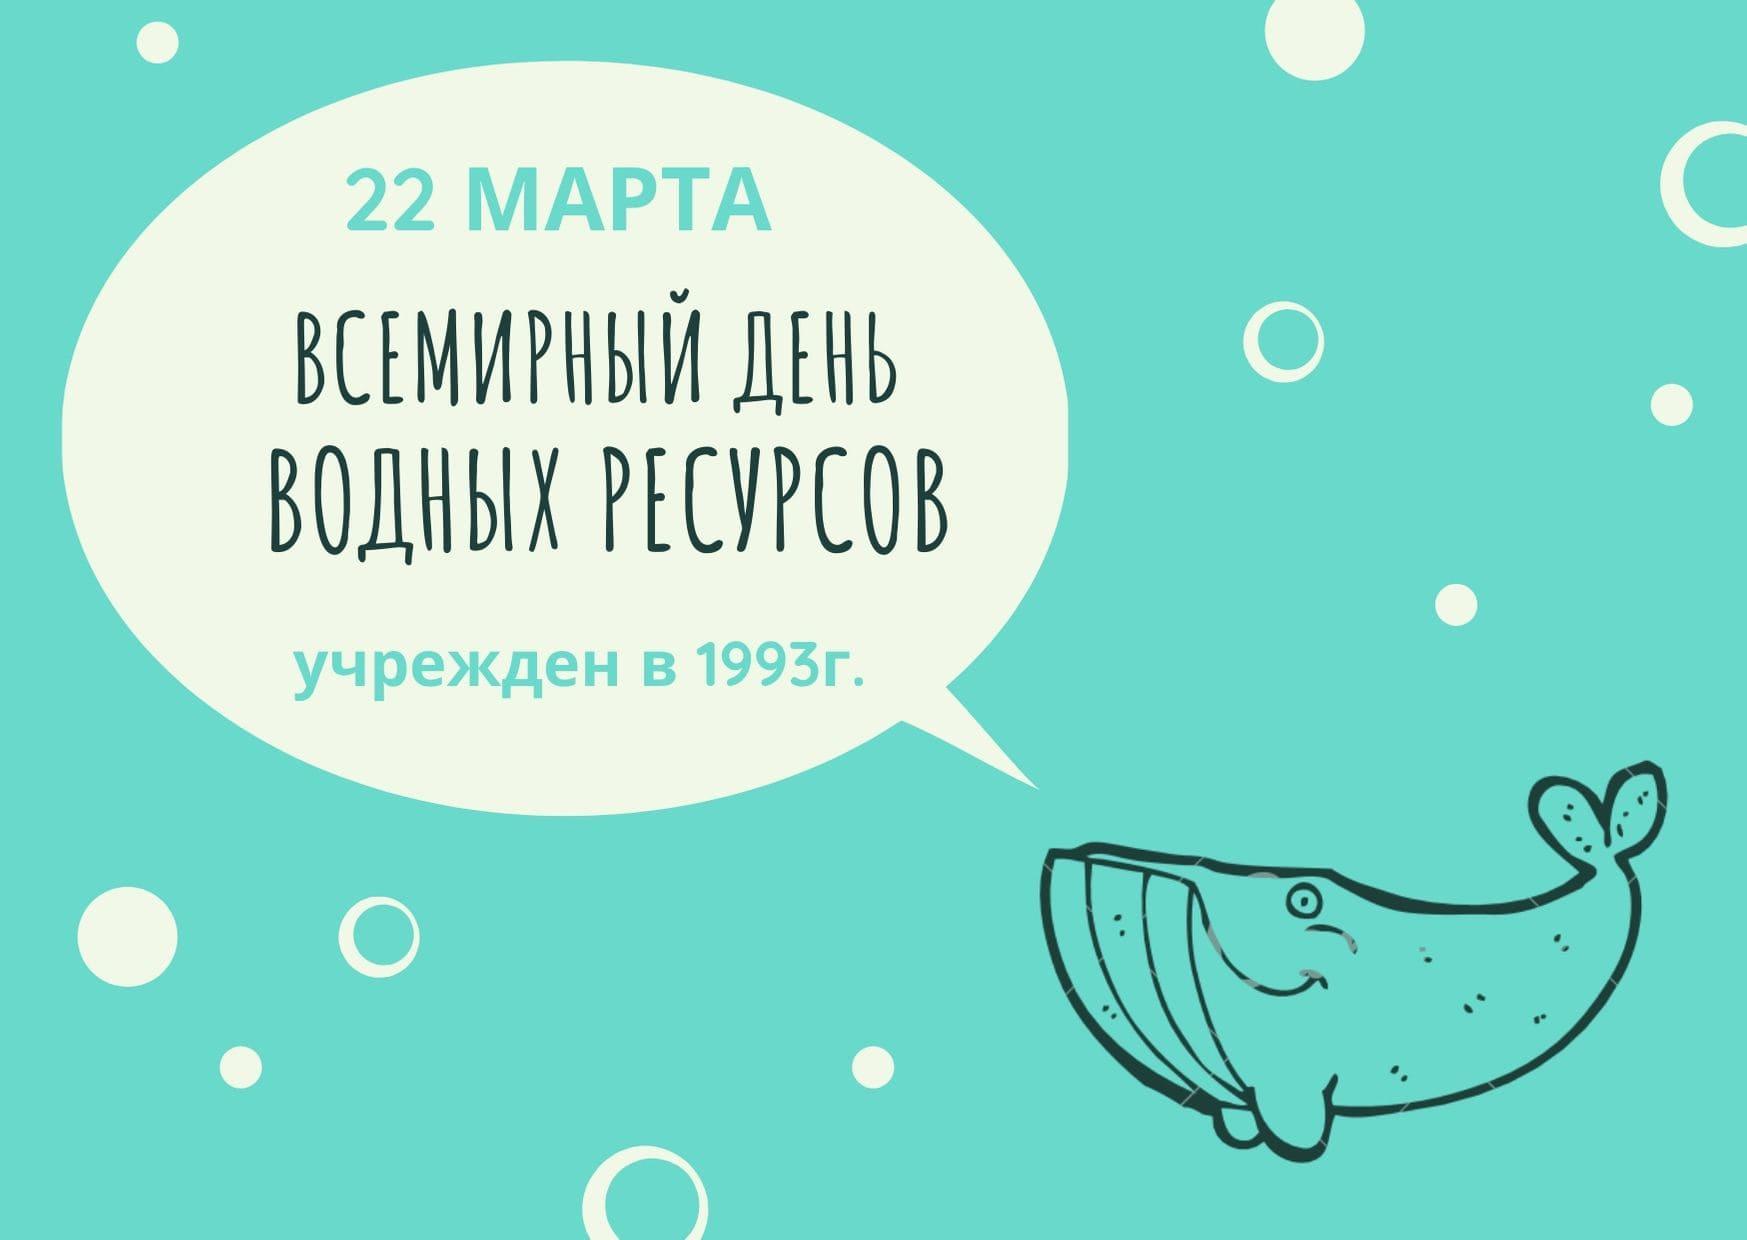 Всемирный день водных ресурсов. 22 марта